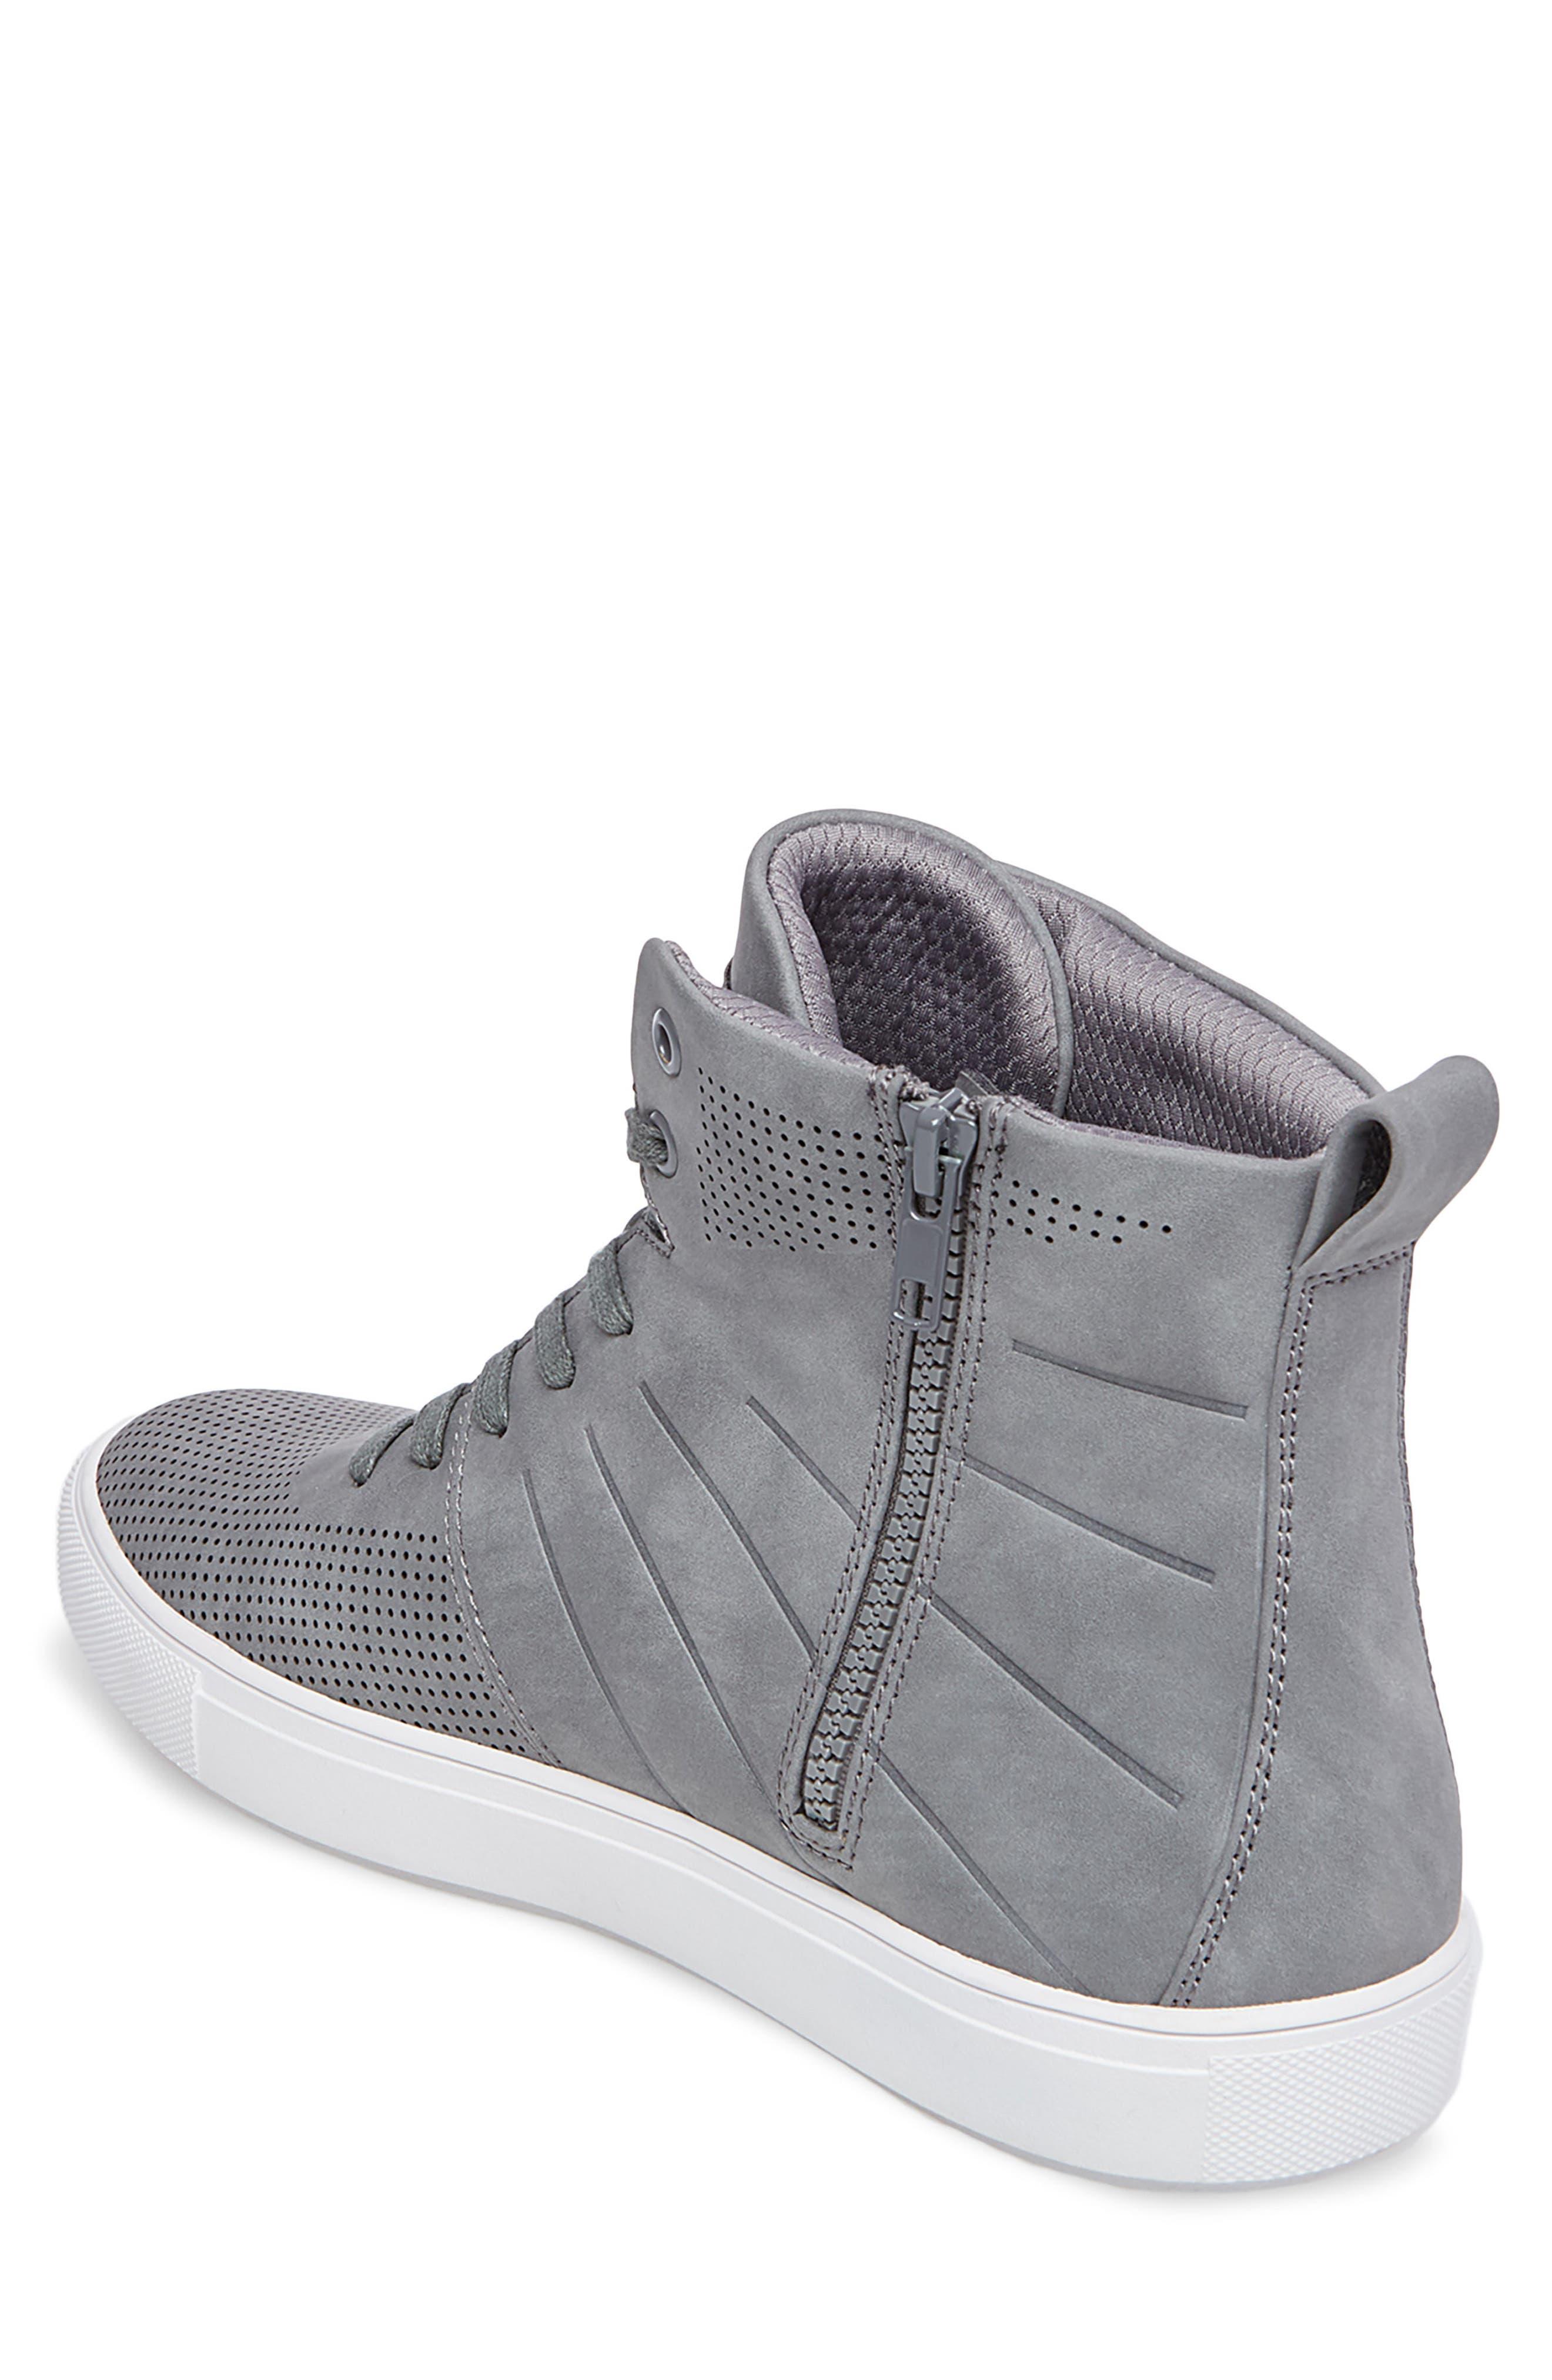 Eskape Sneaker,                             Alternate thumbnail 2, color,                             Grey